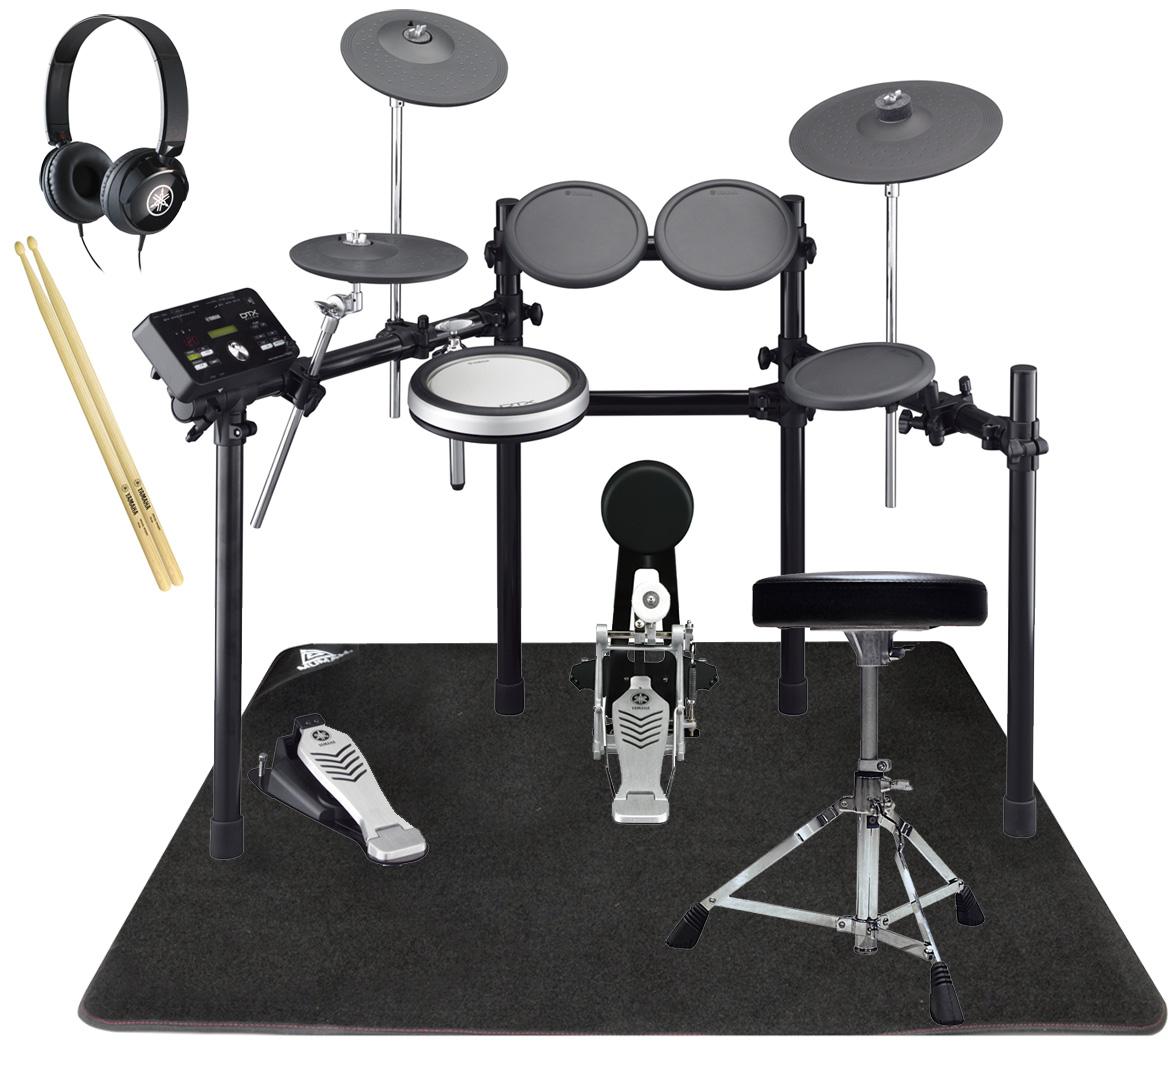 YAMAHA 電子ドラム DTX522KFS ドラムマットと純正ヘッドホン・スティックセット【YRK】